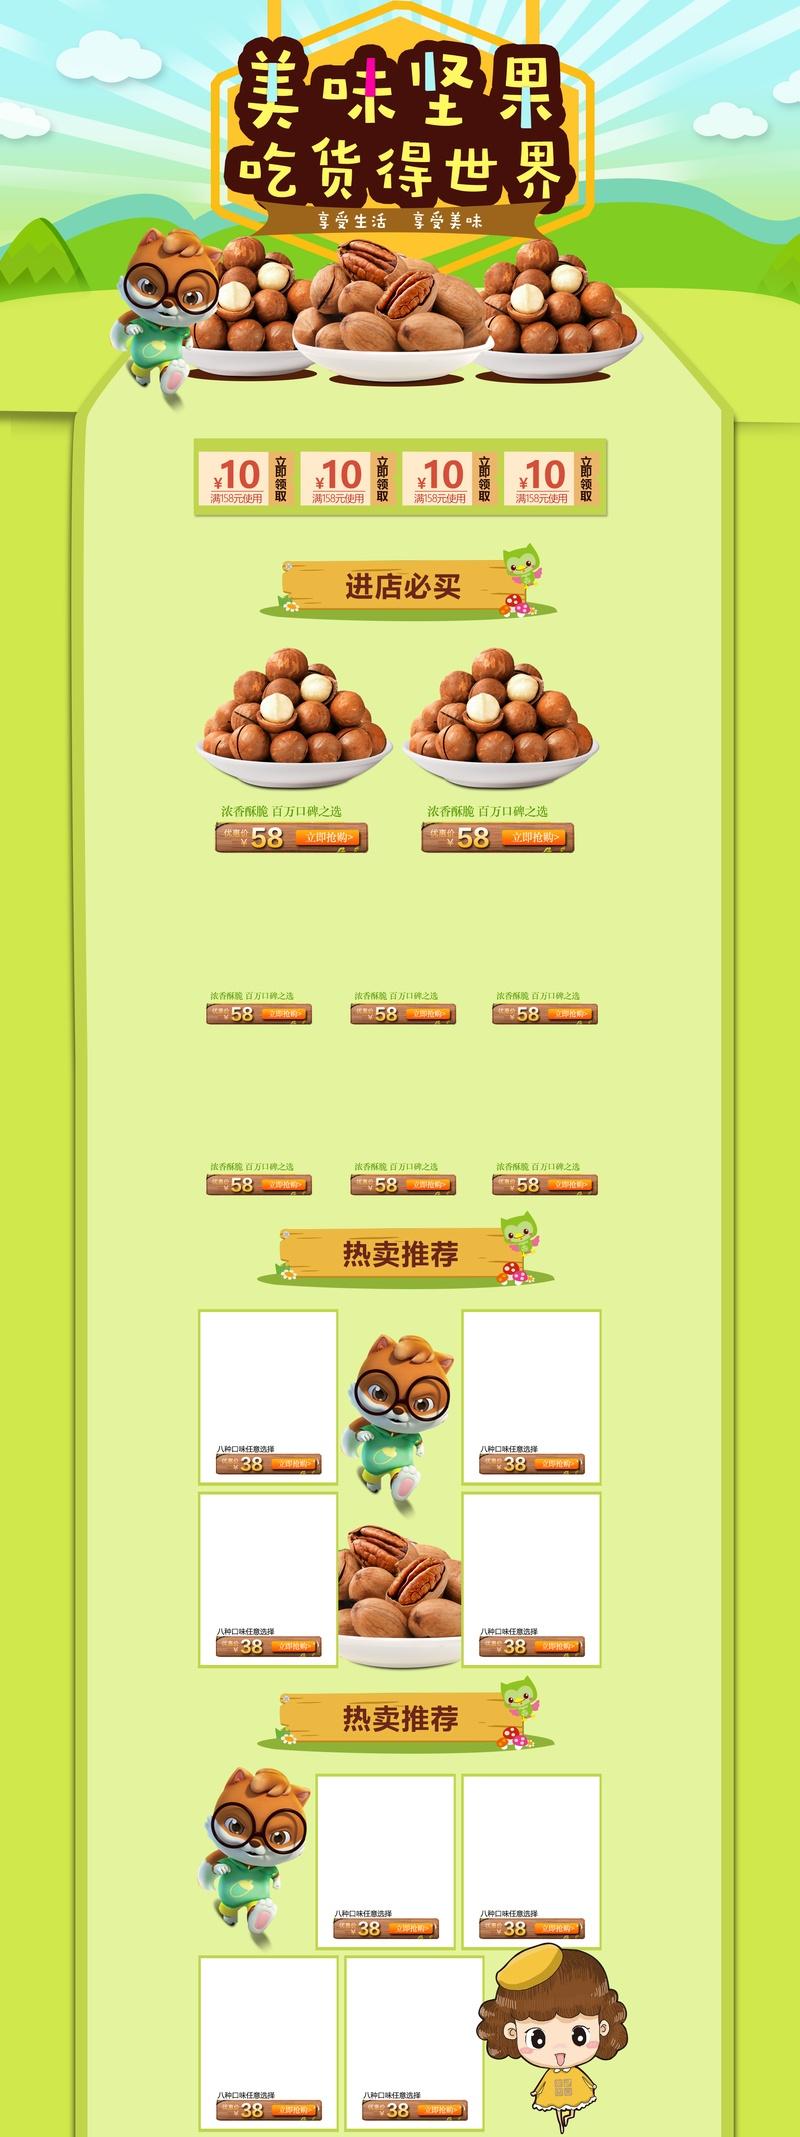 清新唯美风坚果食品店铺首页PSD模版